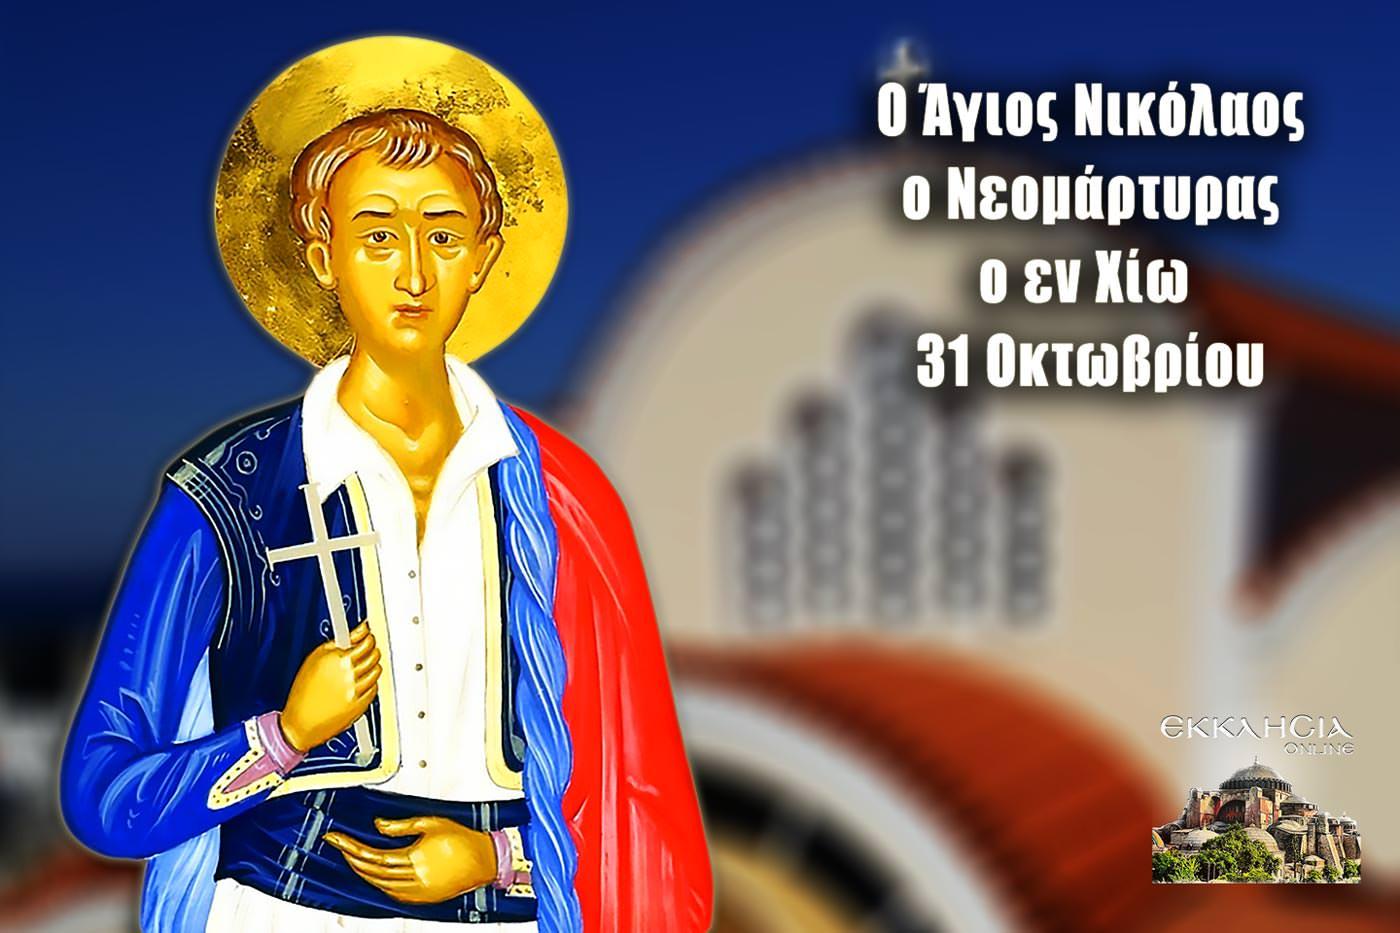 Άγιος Νικόλαος ο εν Χίω 31 Οκτωβρίου